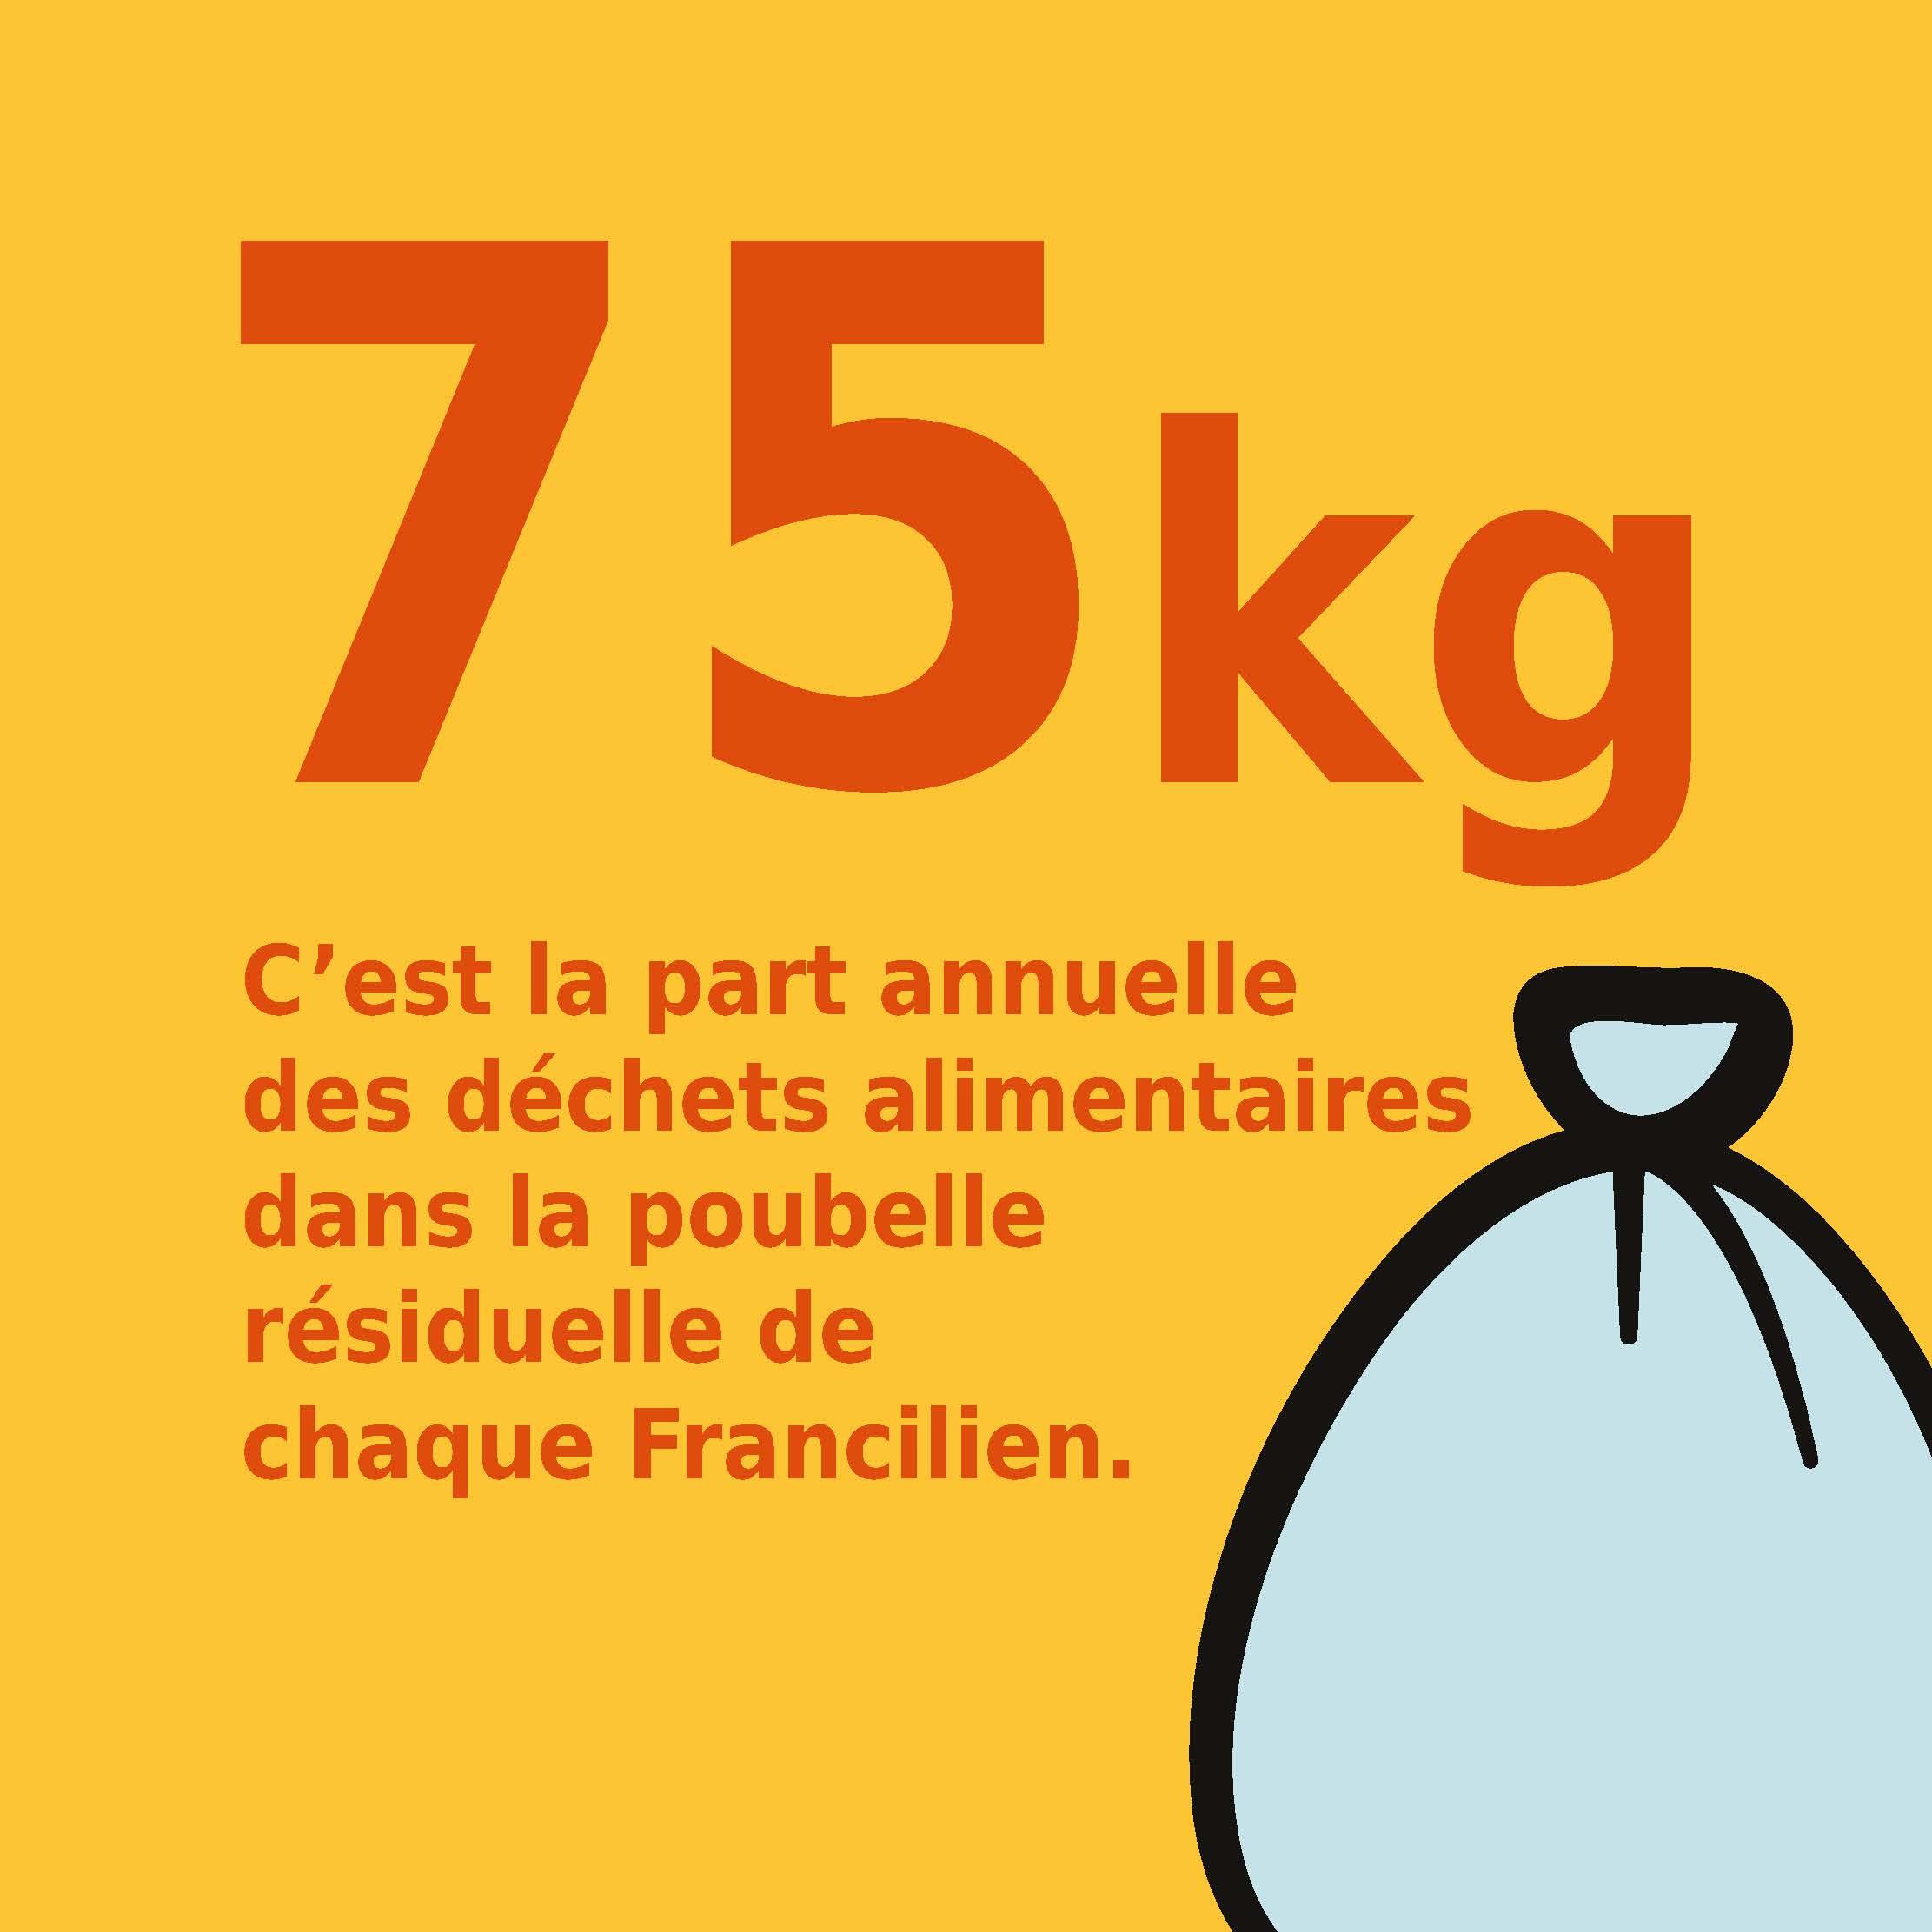 75 kg C'est la part annuelle des biodéchets dans la poubelle résiduelle de chaque Francilien